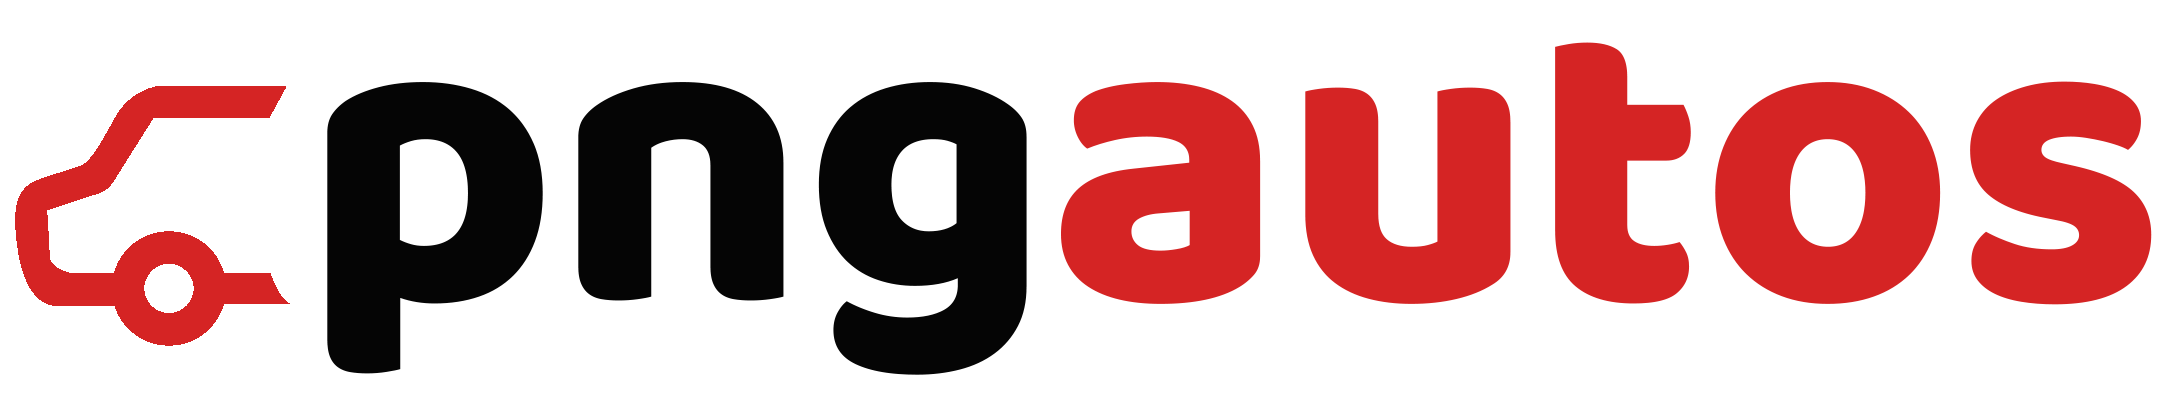 Pngautos logo